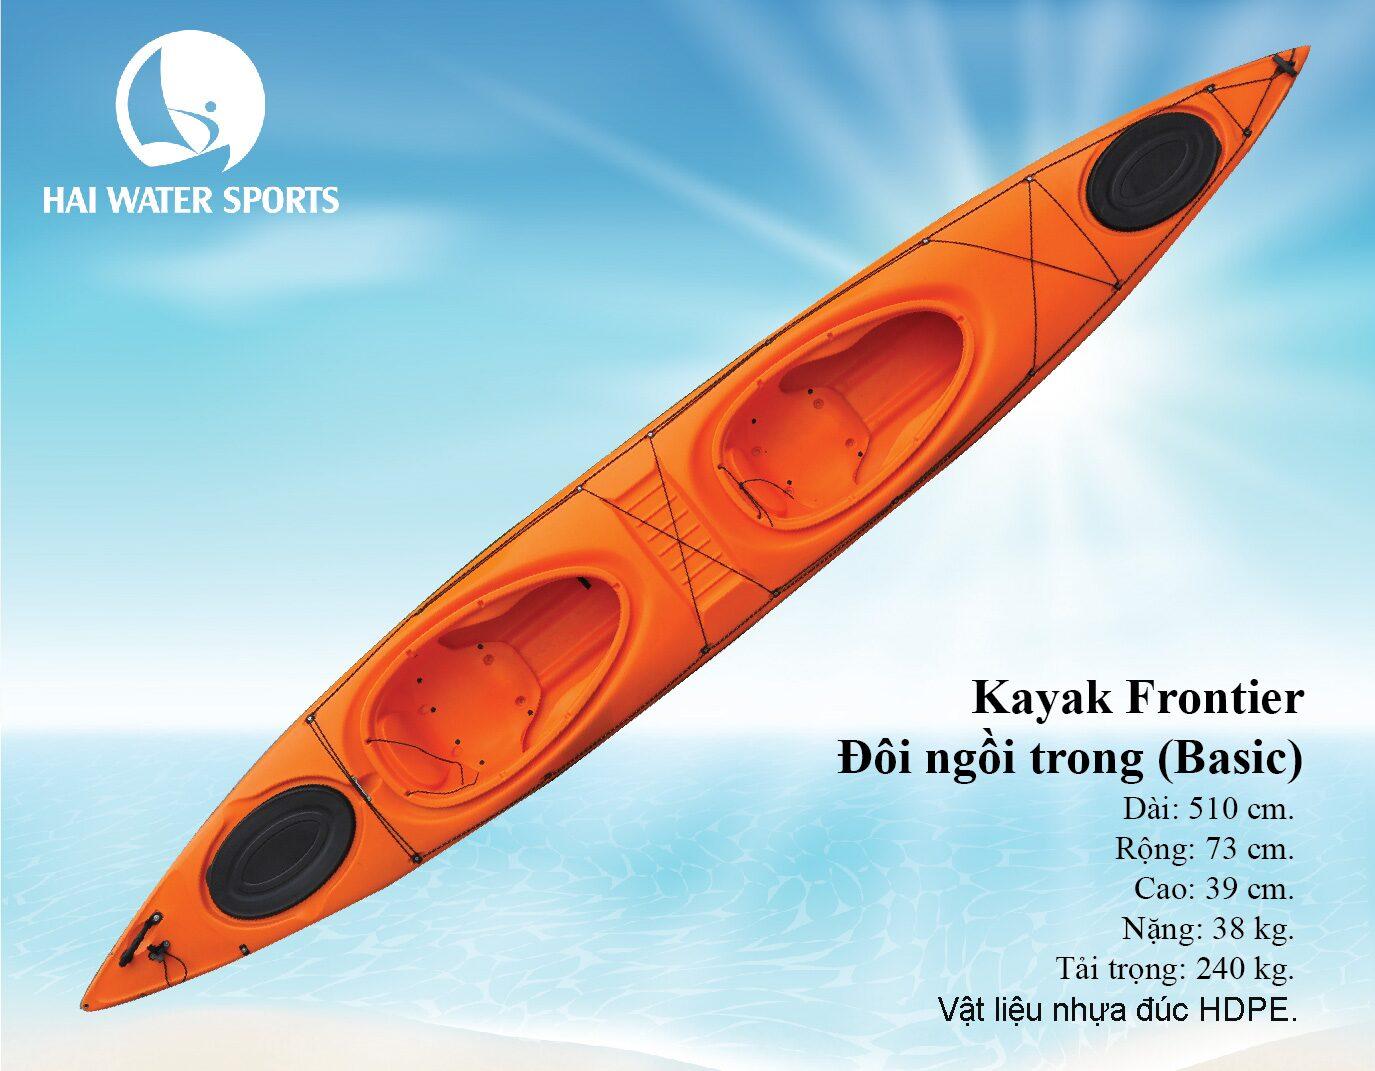 Thuyền Kayak đôi ngồi trong Frontier